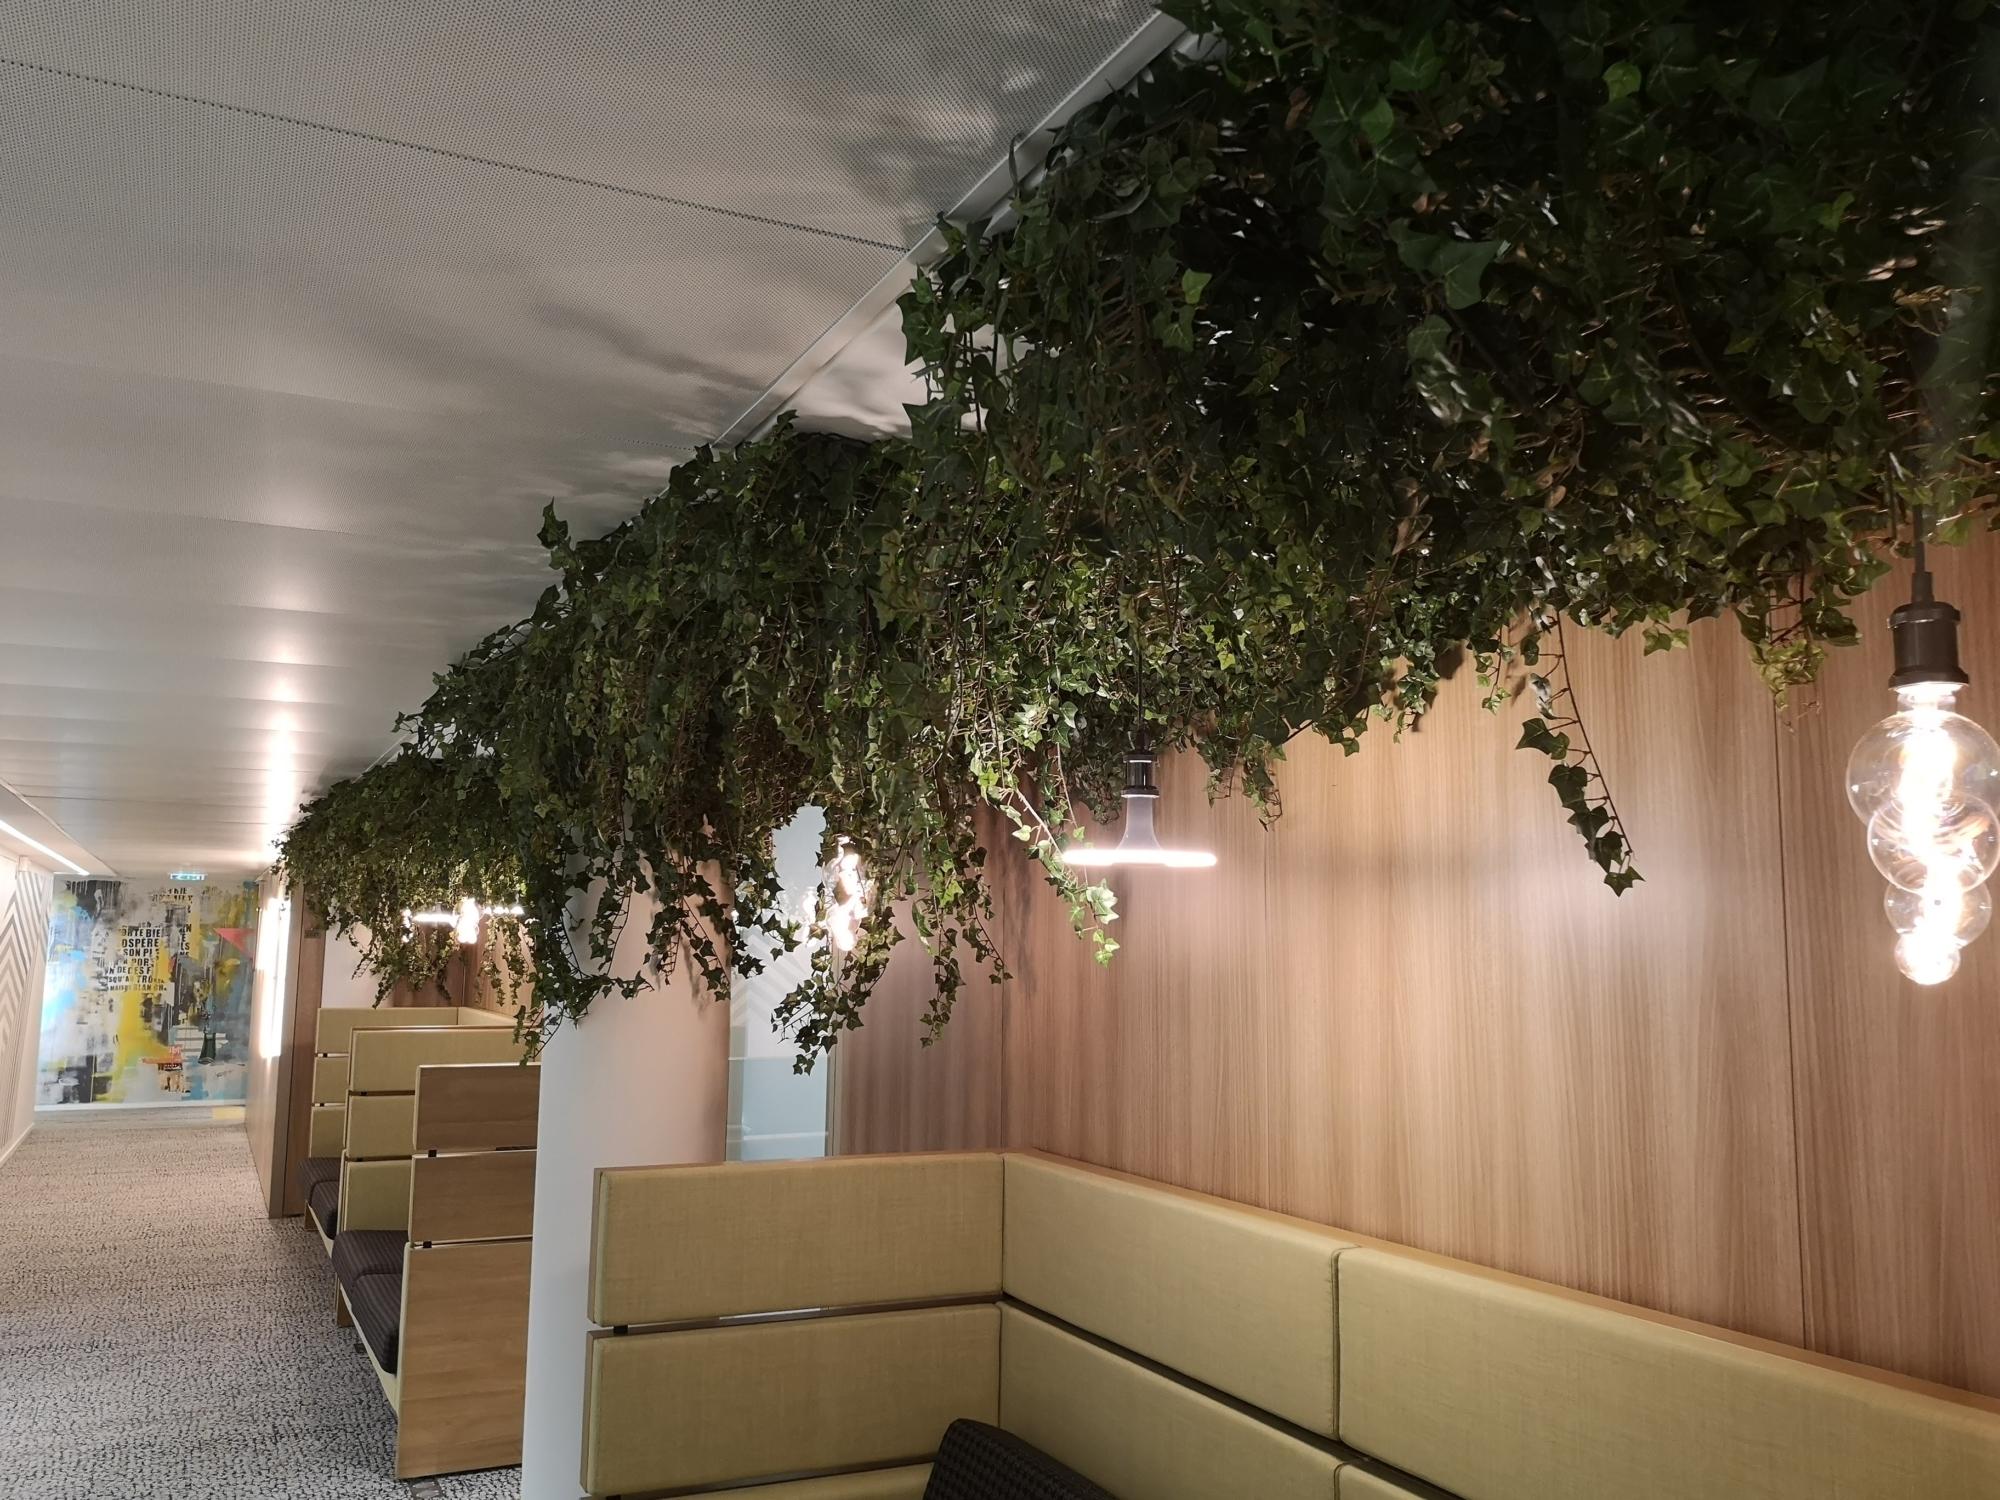 Végétalisation des espaces en entreprise. Plantes suspendues au plafond.